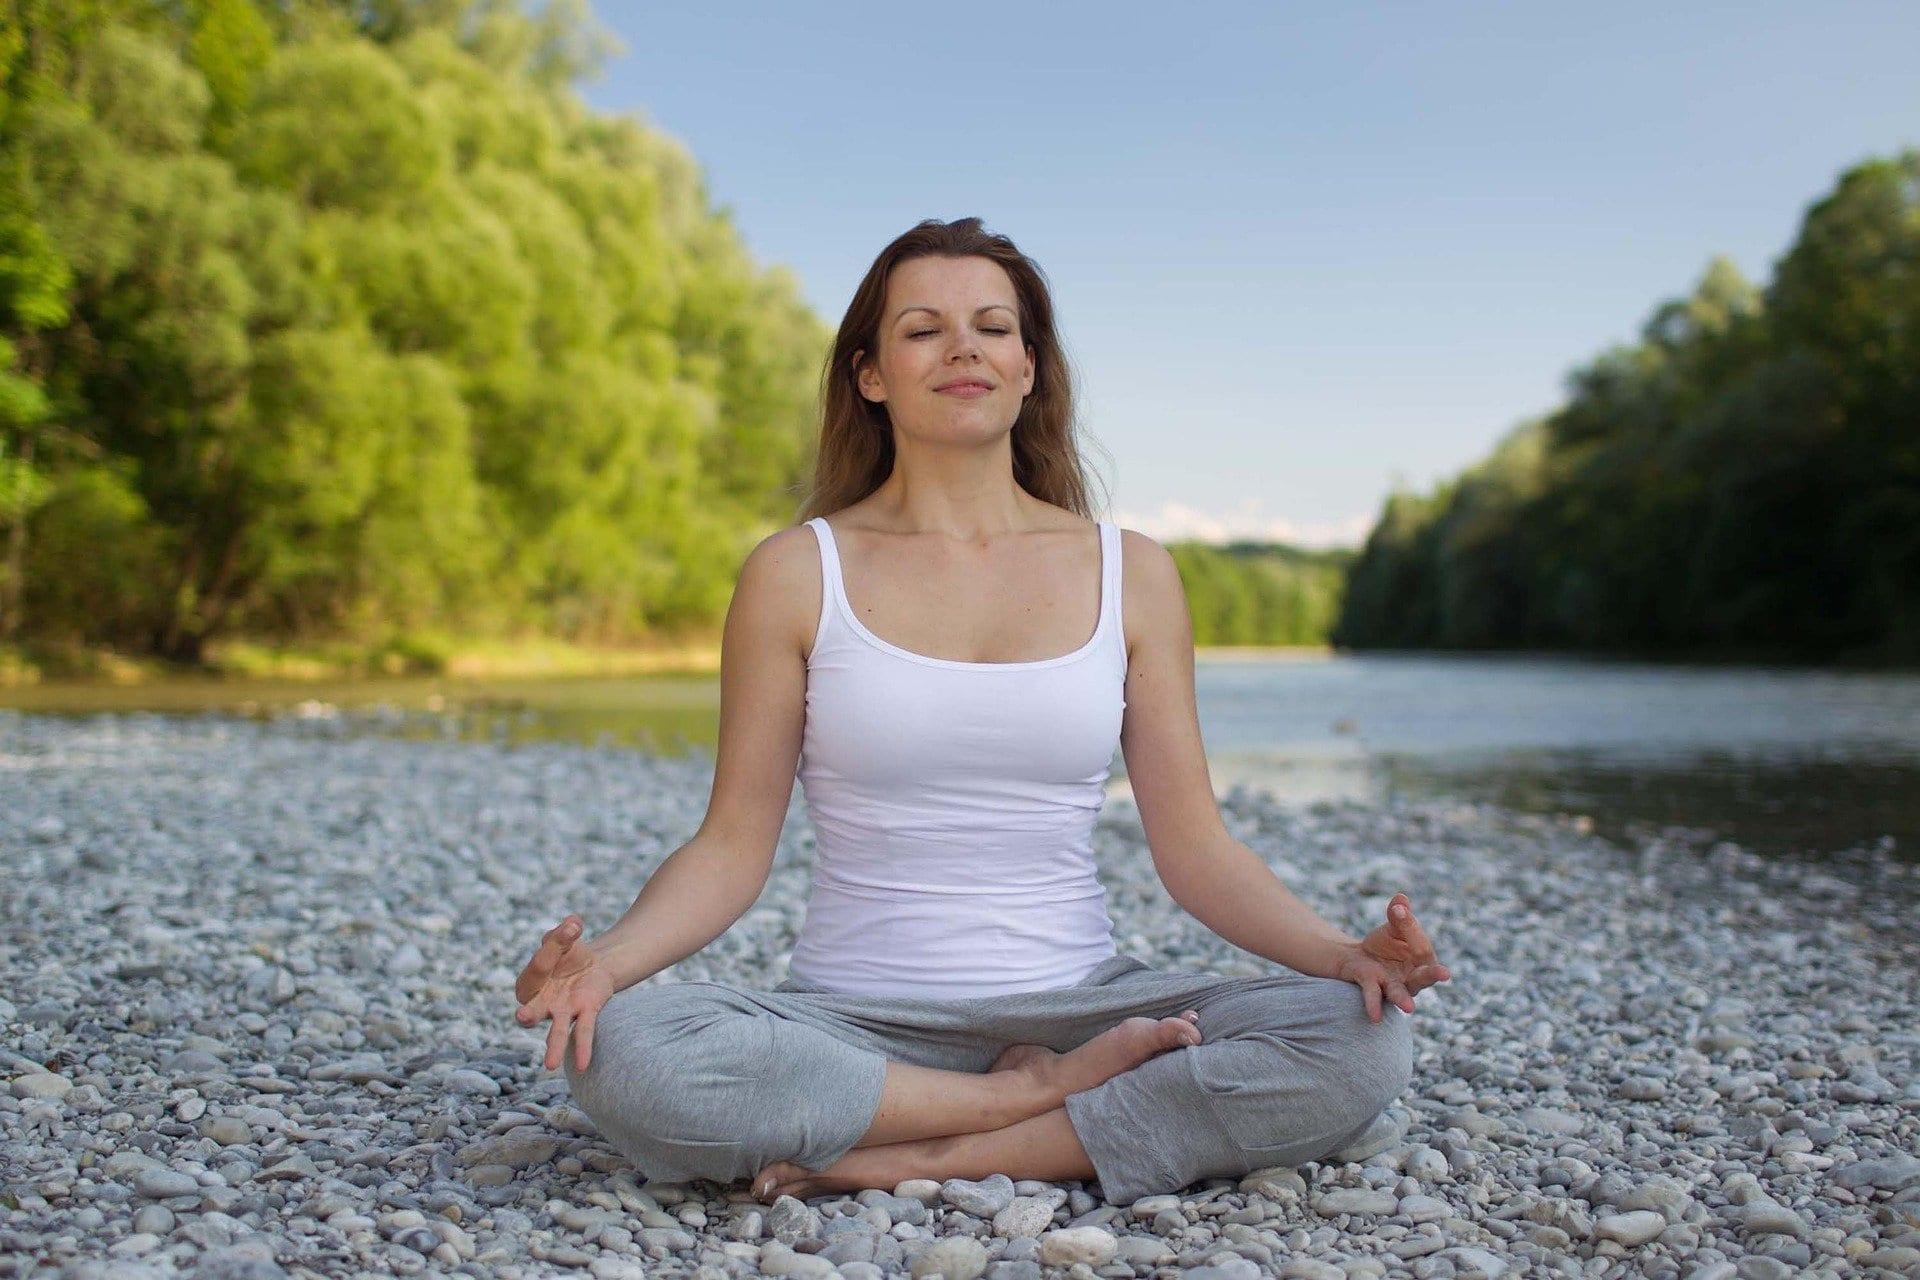 Bøker om meditasjon: Mine anbefalinger